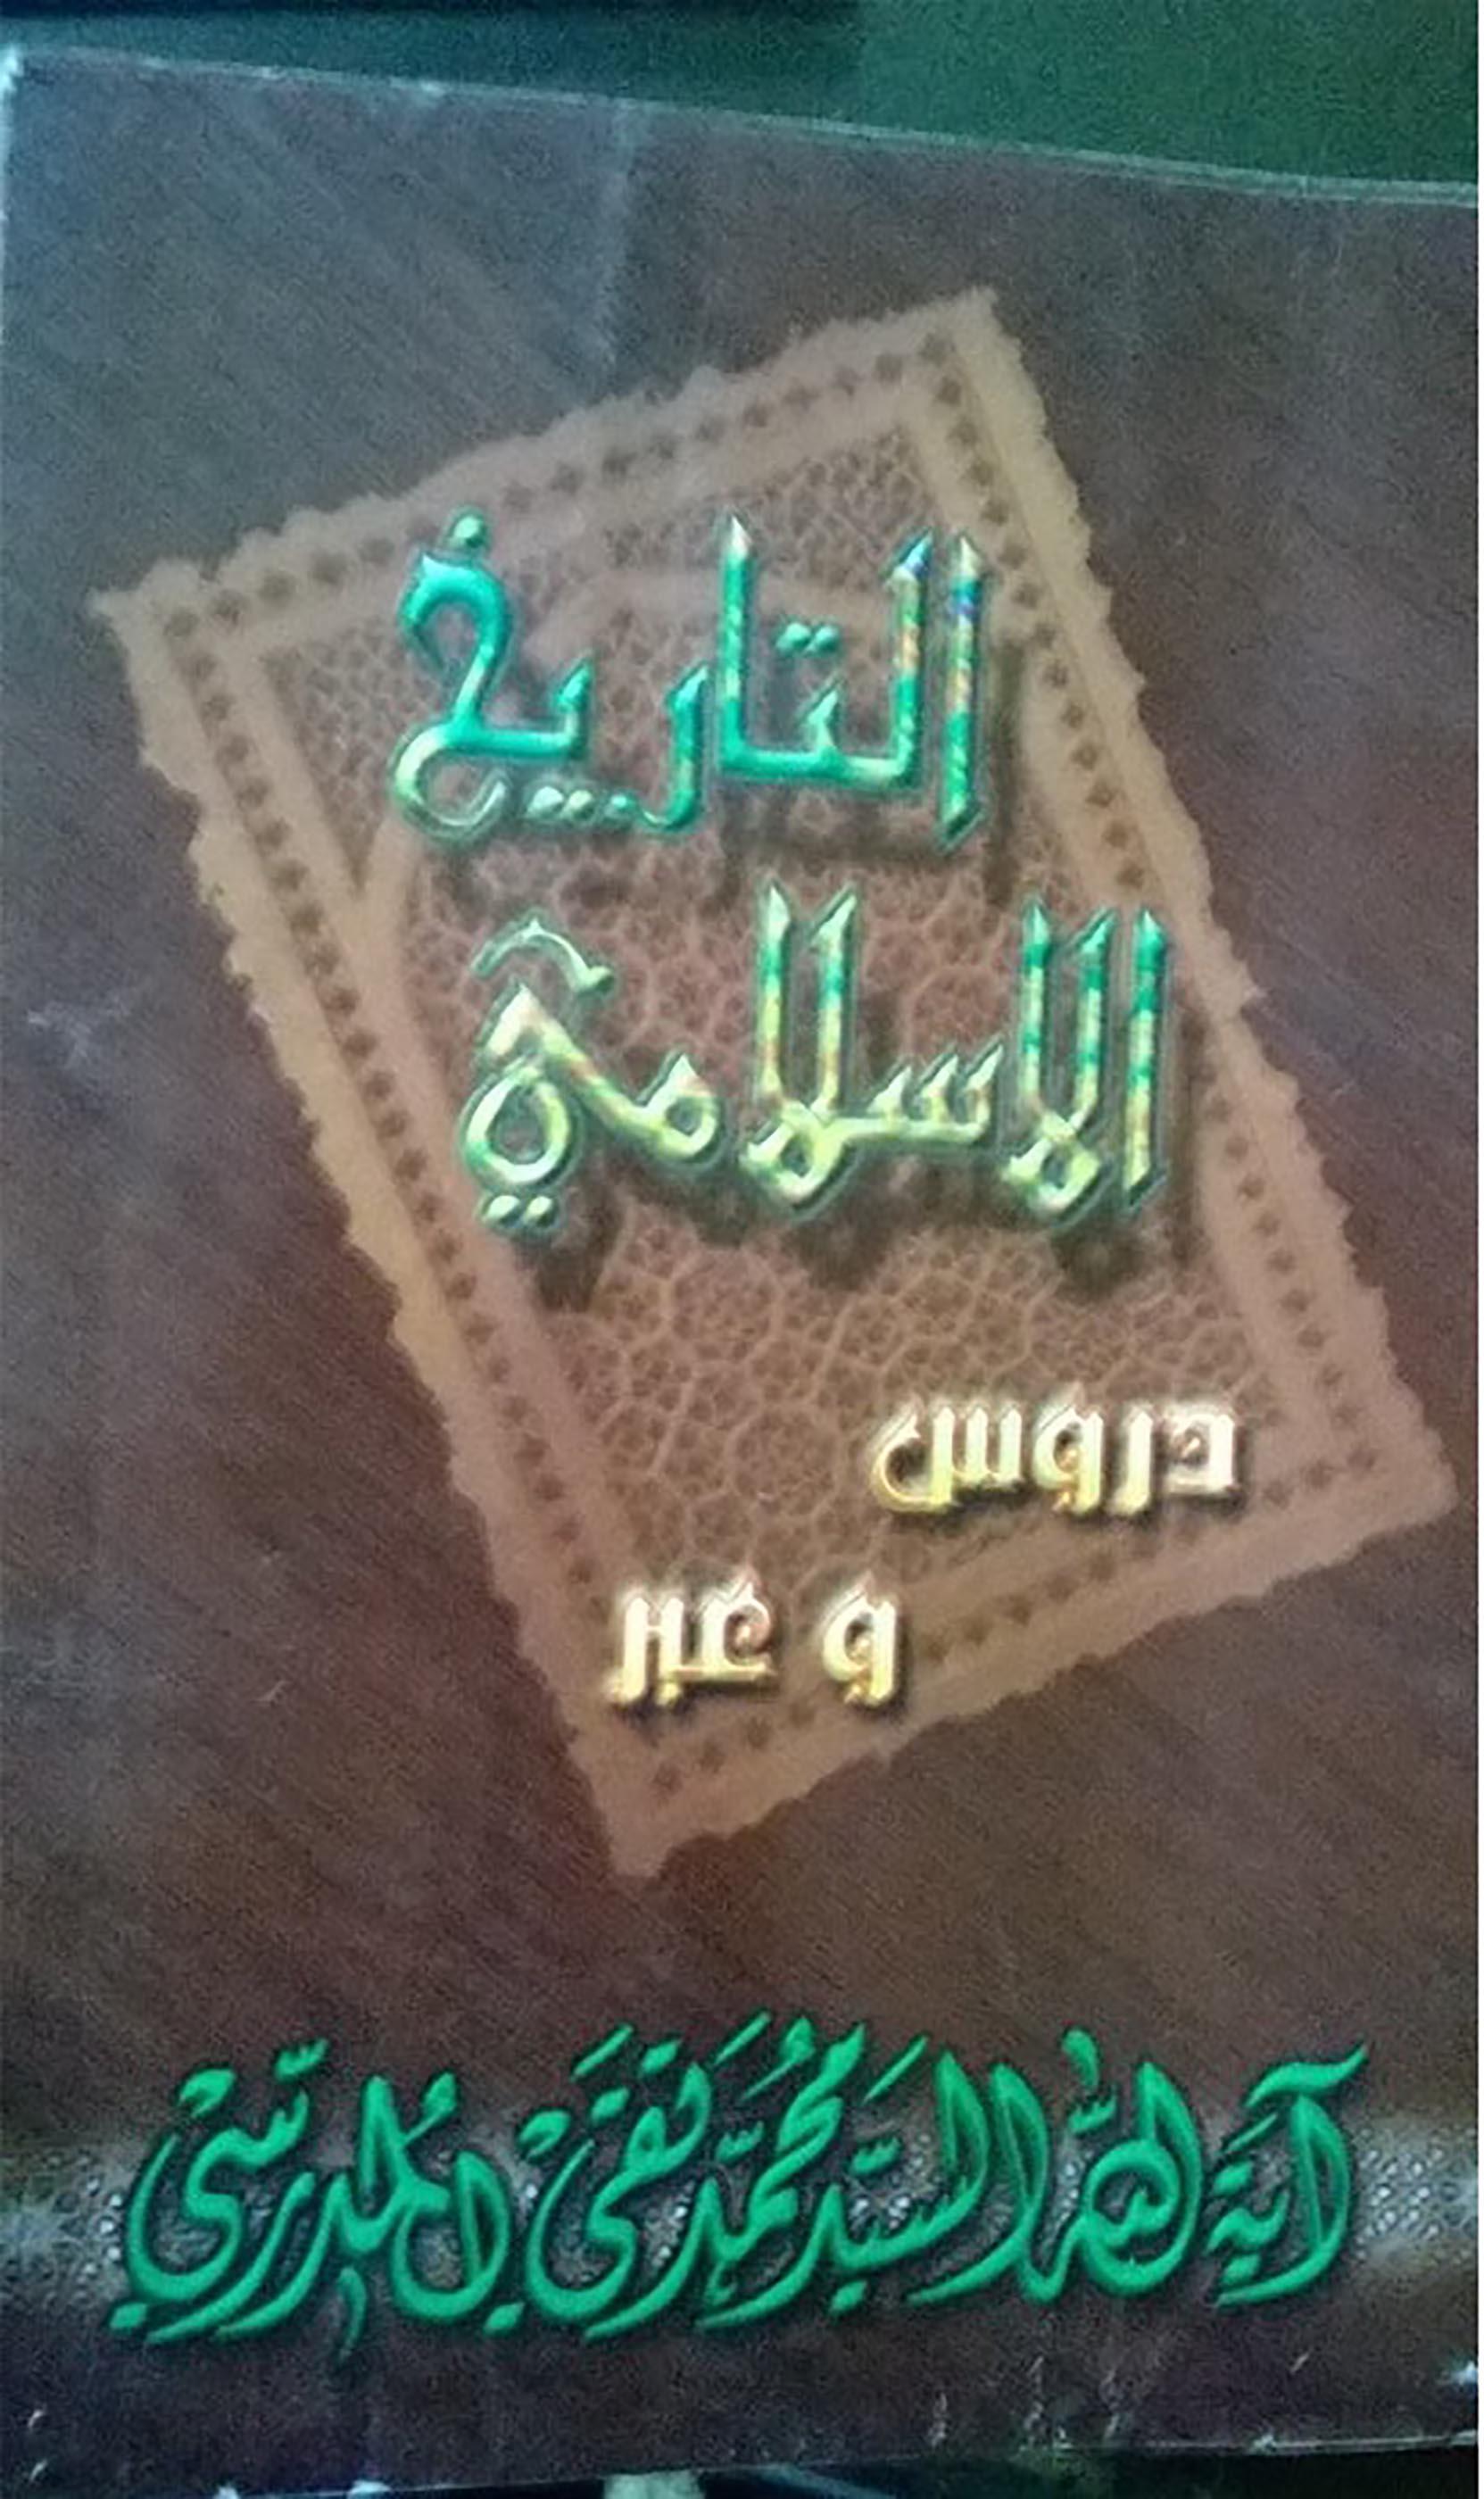 الاســـم:التاريخ الاسلامي دروس وعبر غلاف.jpg المشاهدات: 1983 الحجـــم:333.9 كيلوبايت